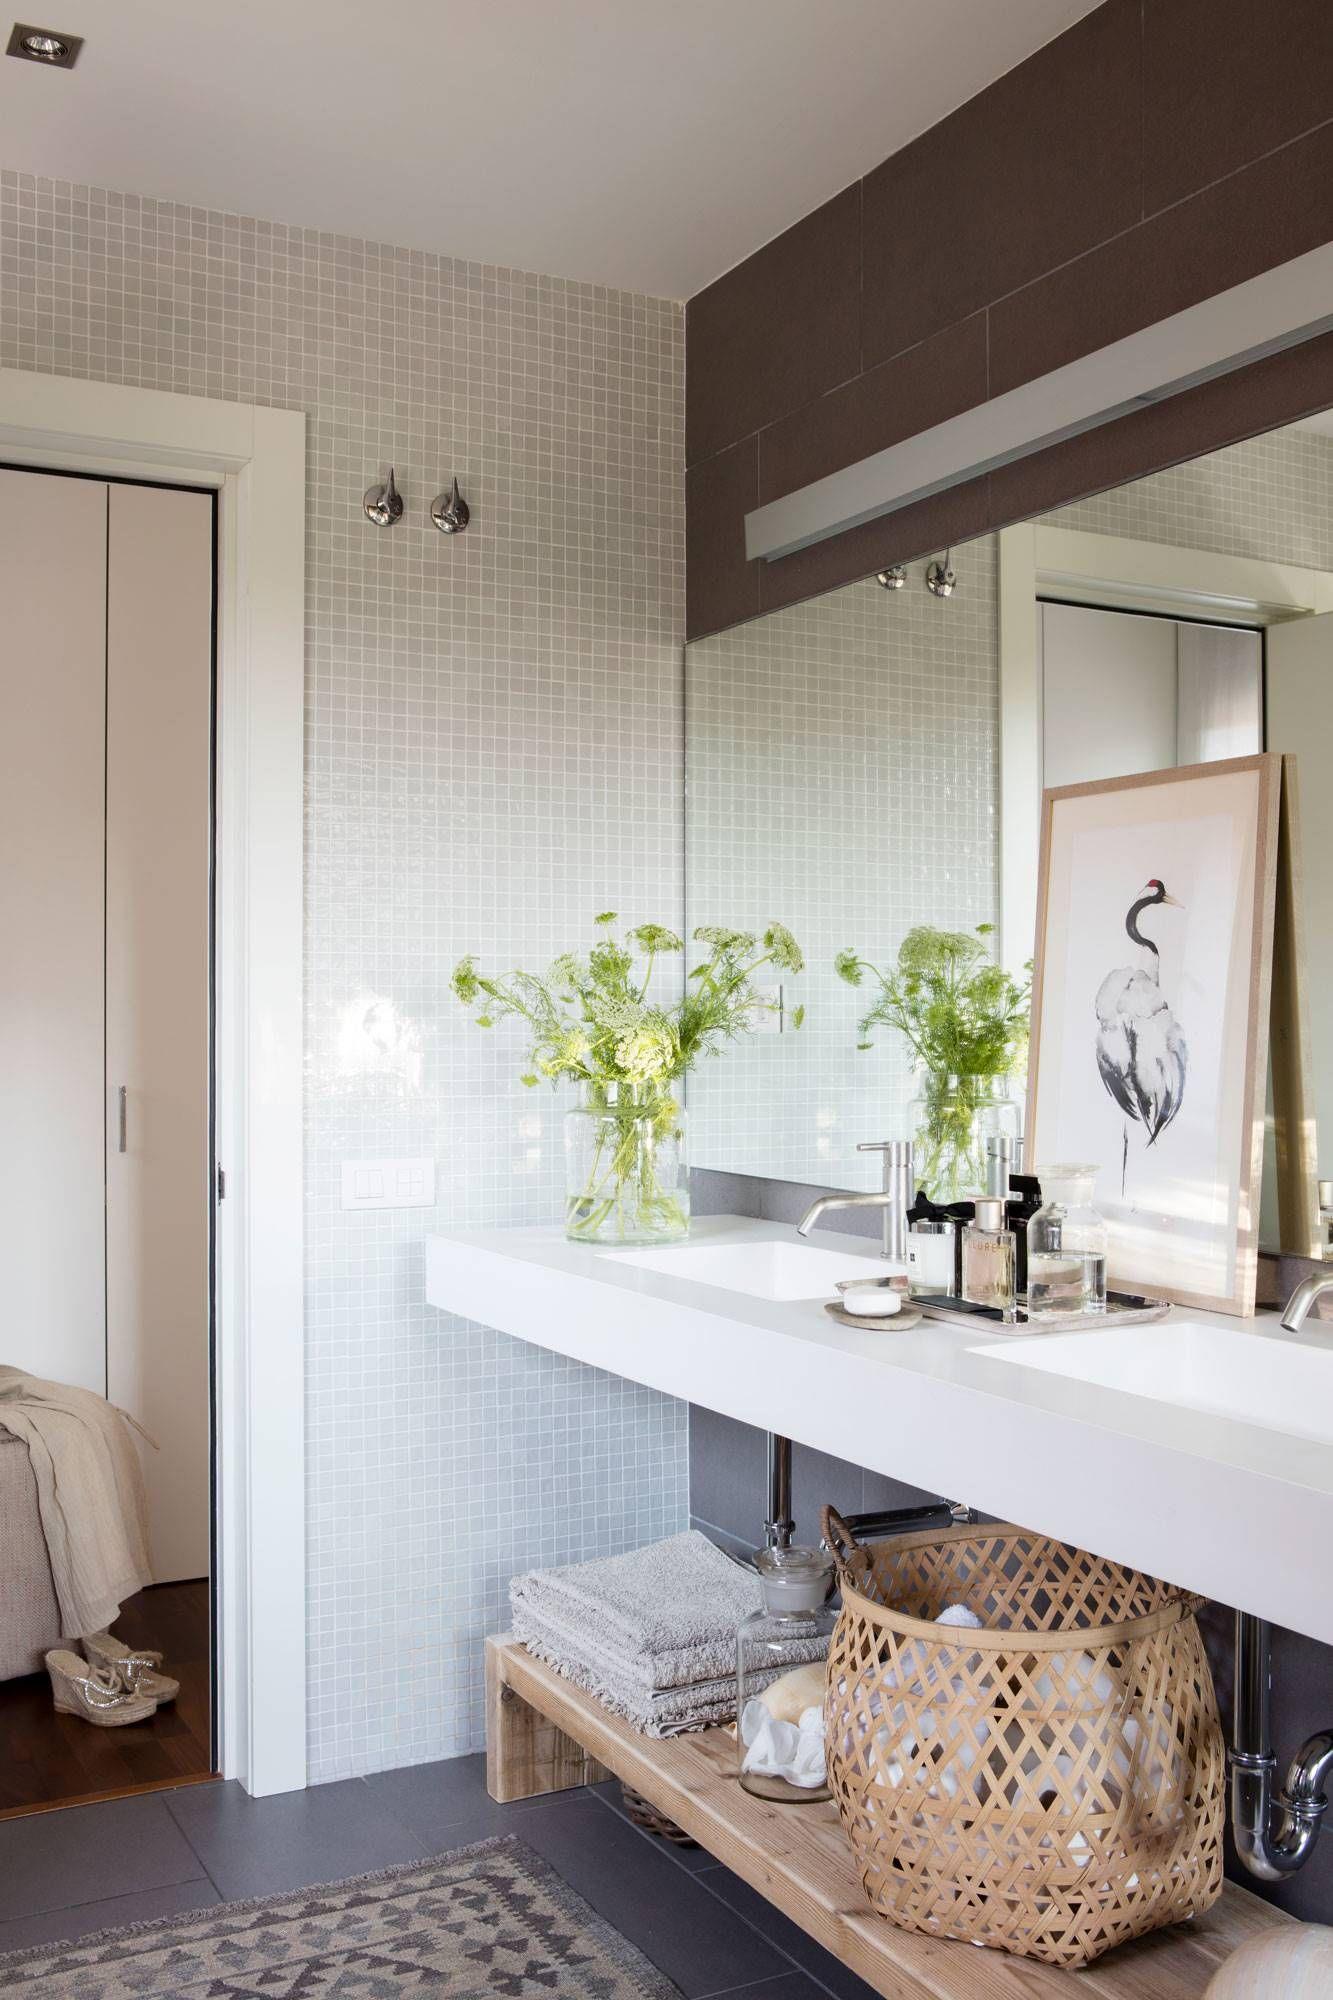 Baños con dos lavabos de porcelana blanca